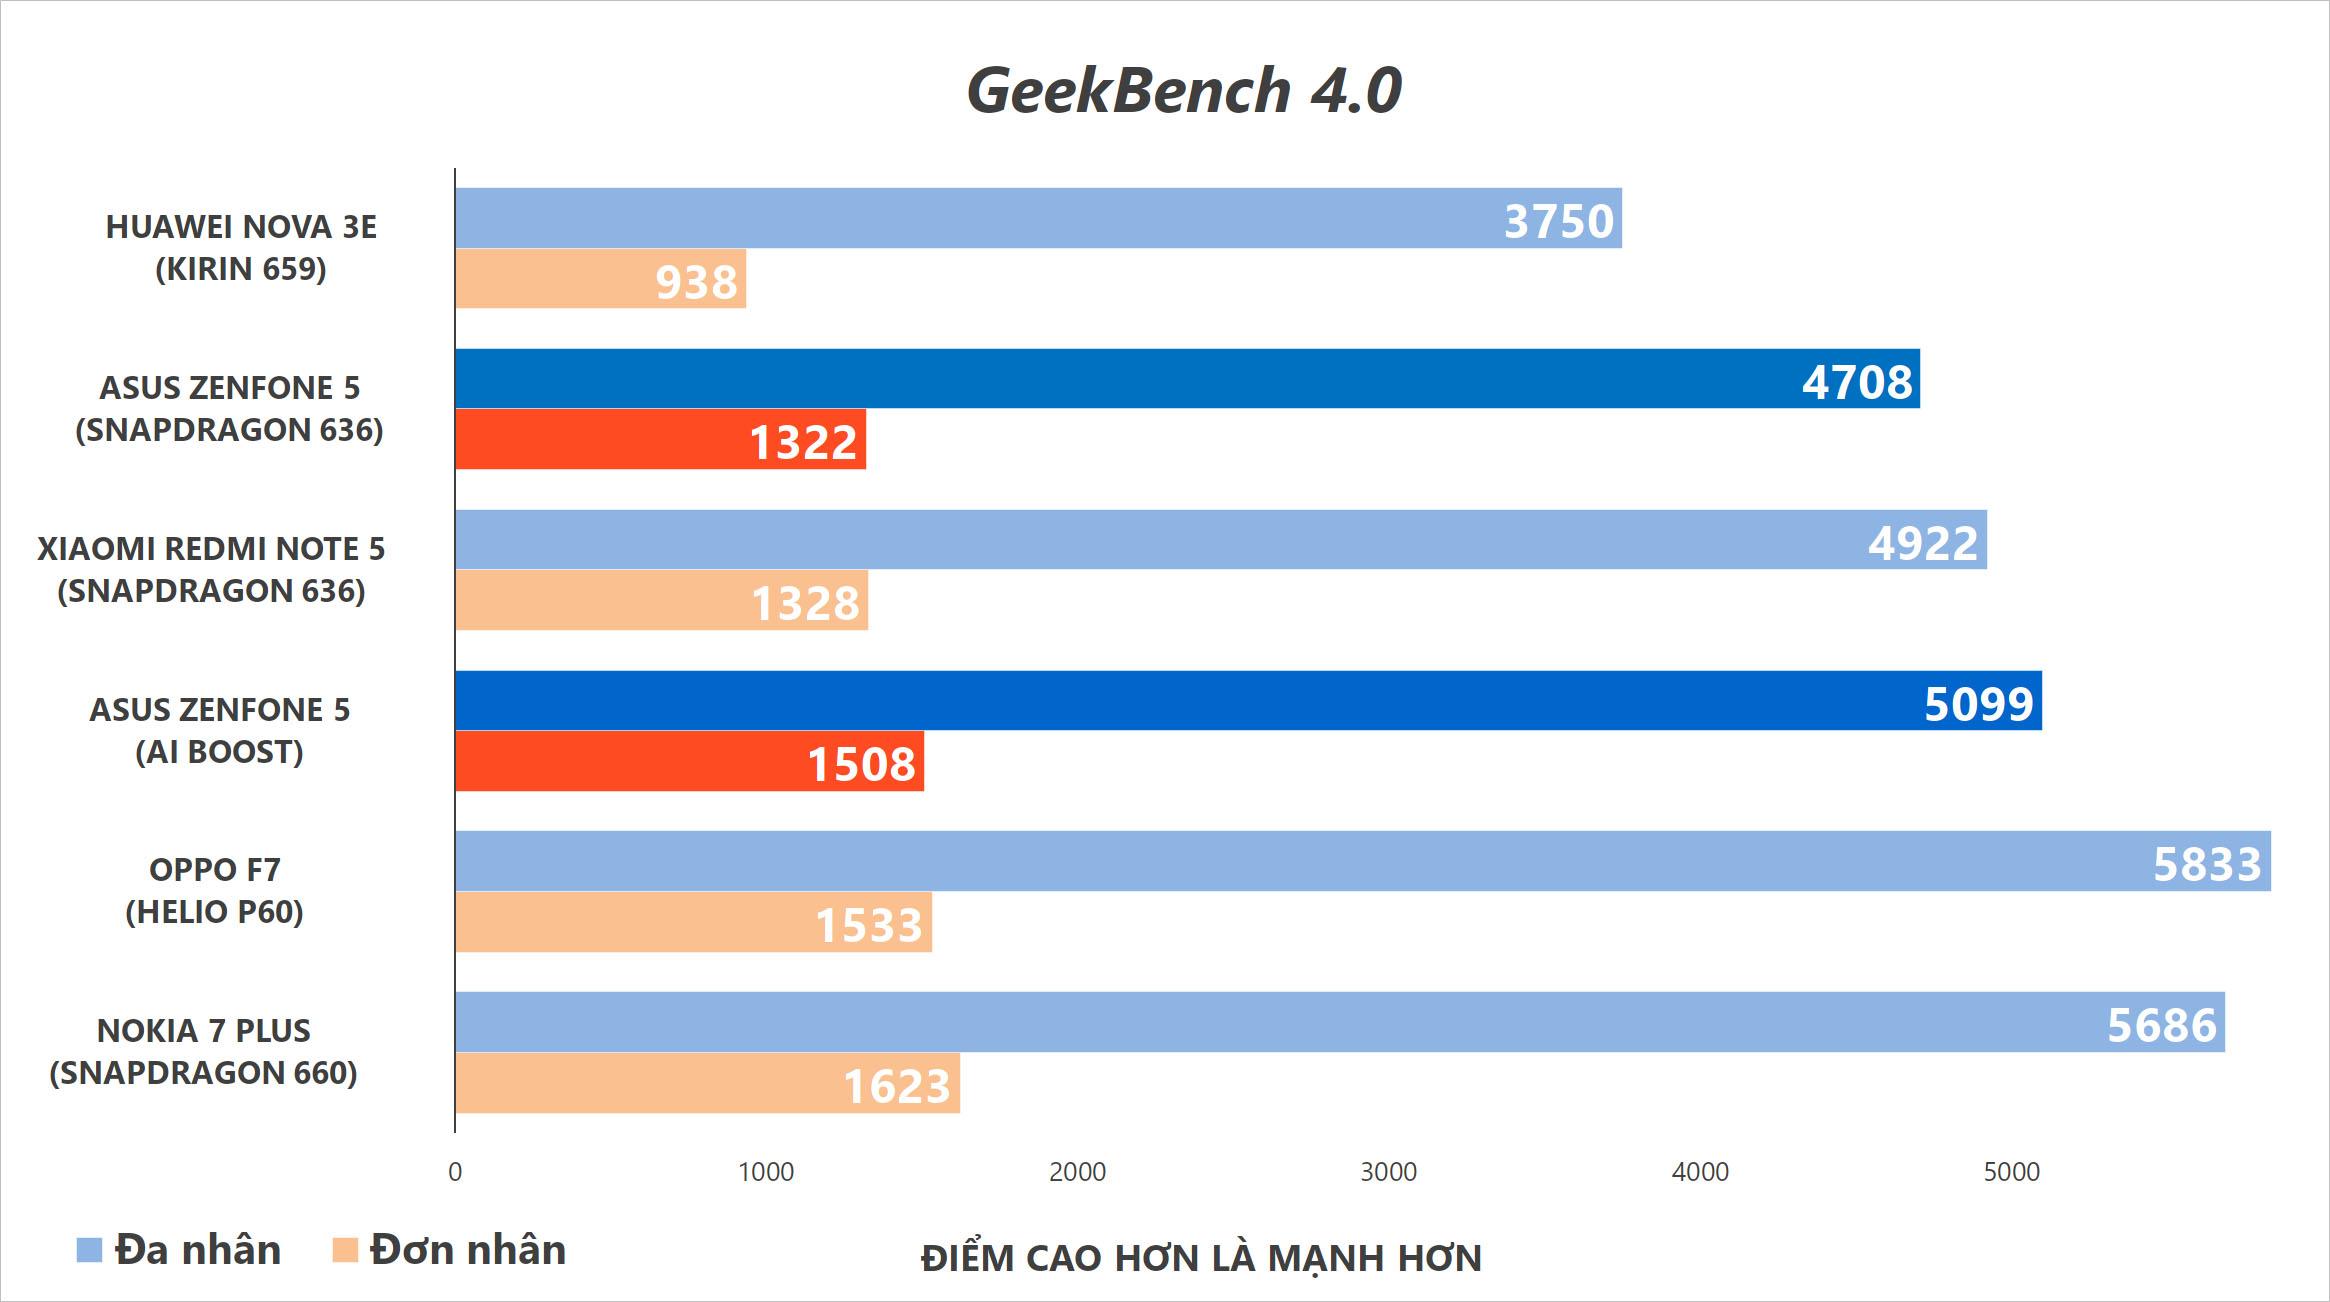 Mở hộp Asus Zenfone 5: bán trong tuần này với mức giá cận cao cấp